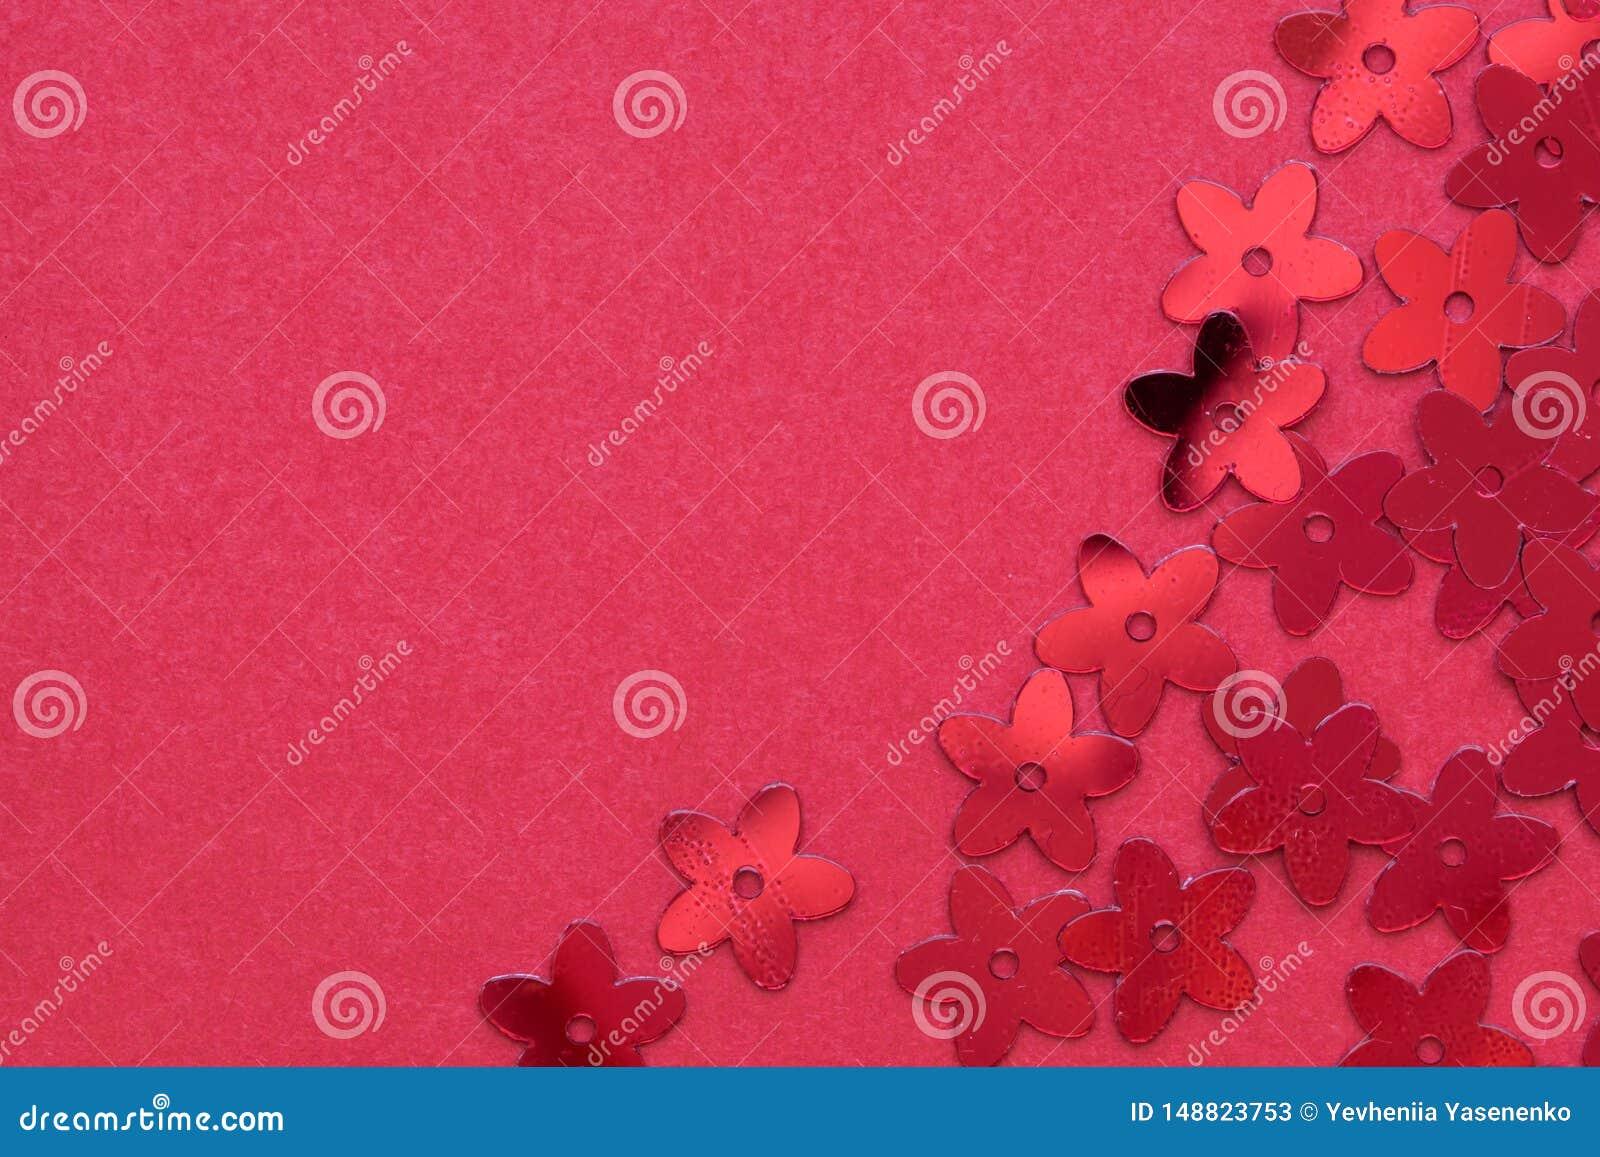 Rode paletten in de vorm van bloemen op een rode achtergrond